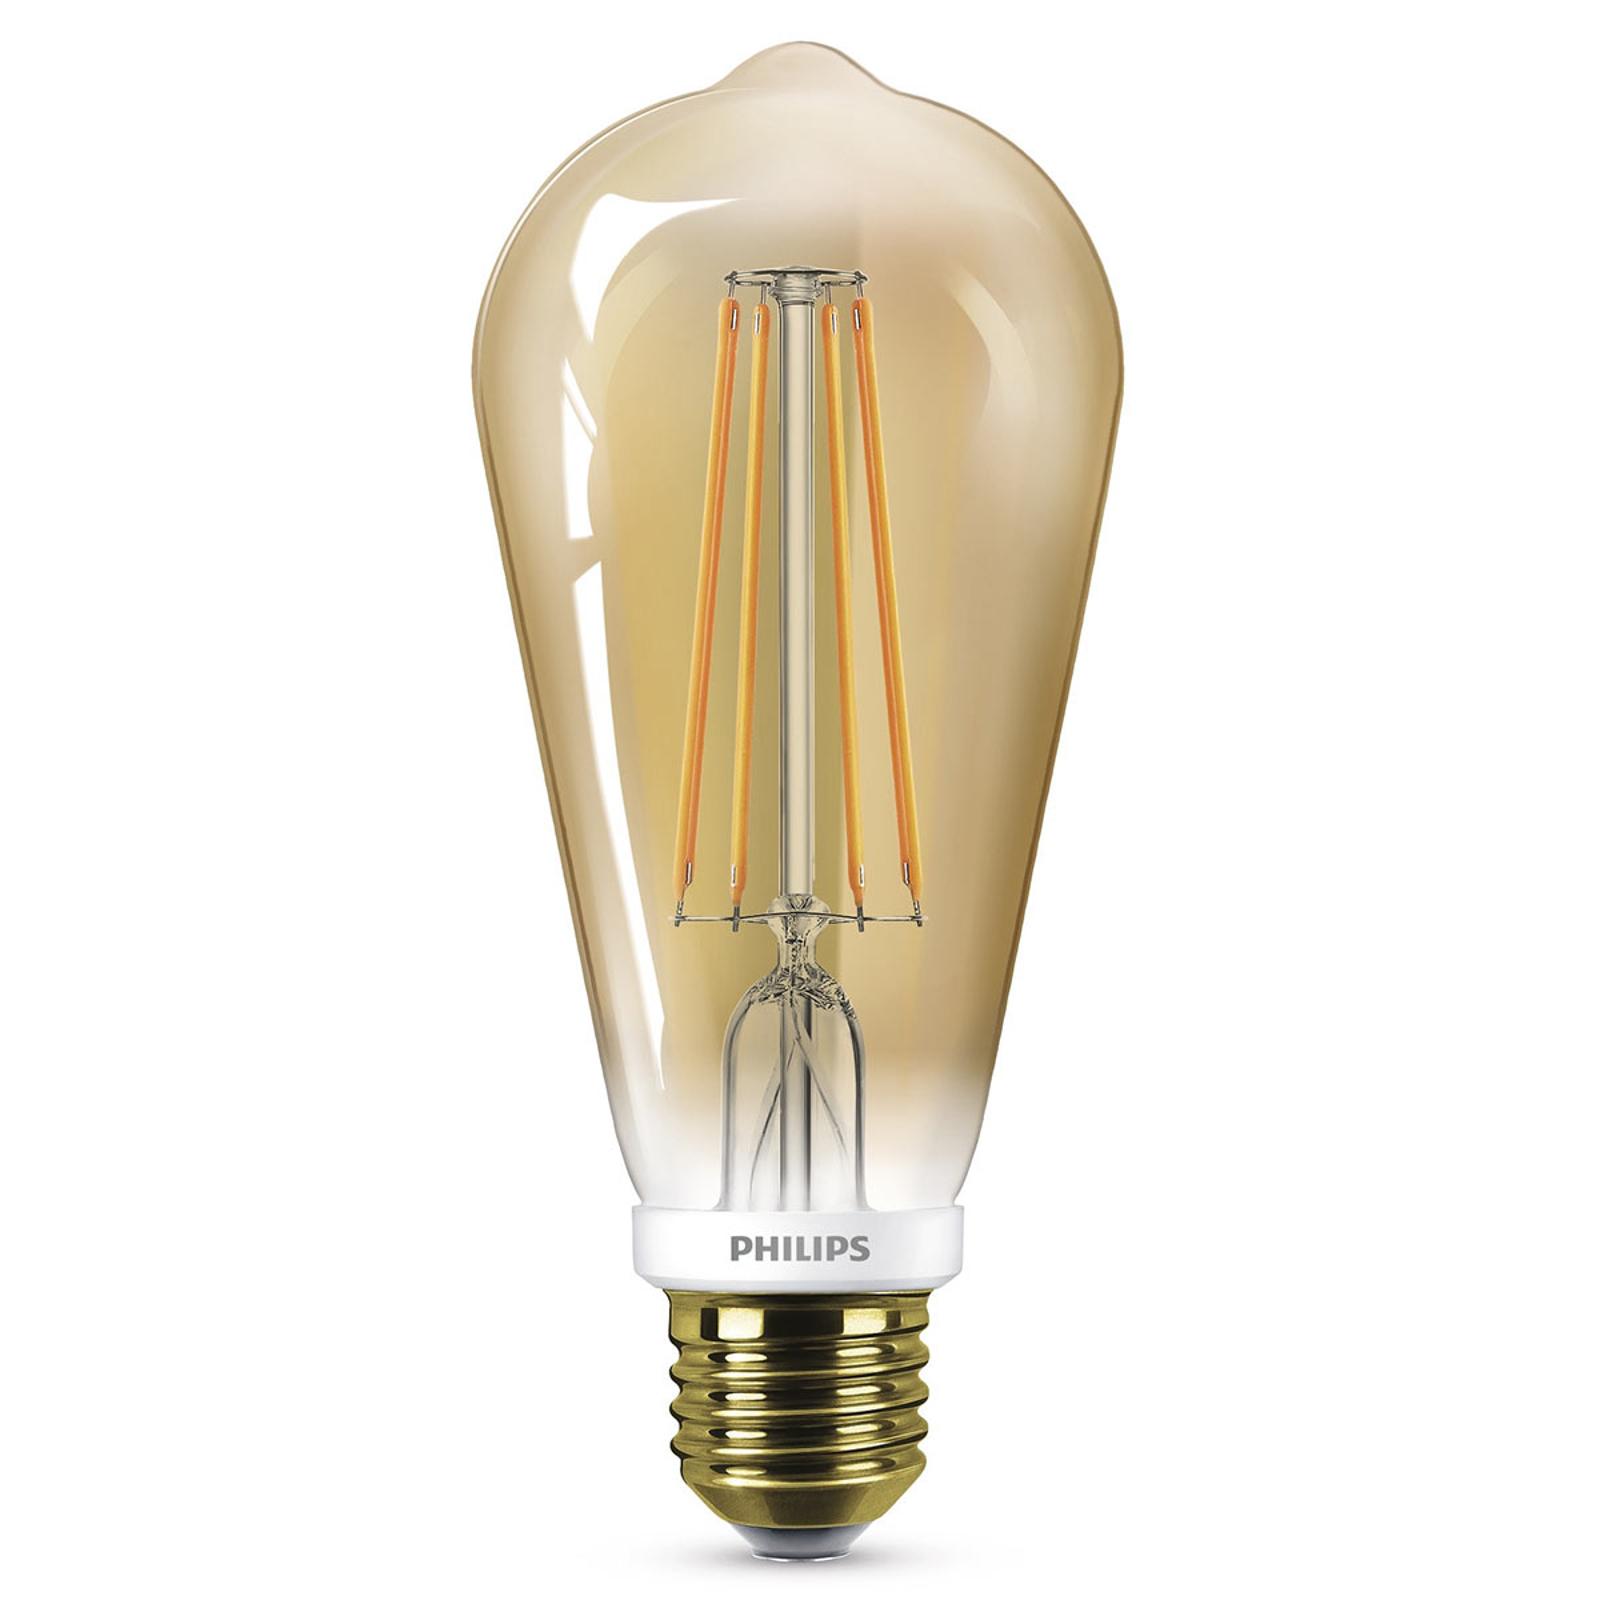 Philips żarówka LED E27 ST64 5,5W złota ściemniana